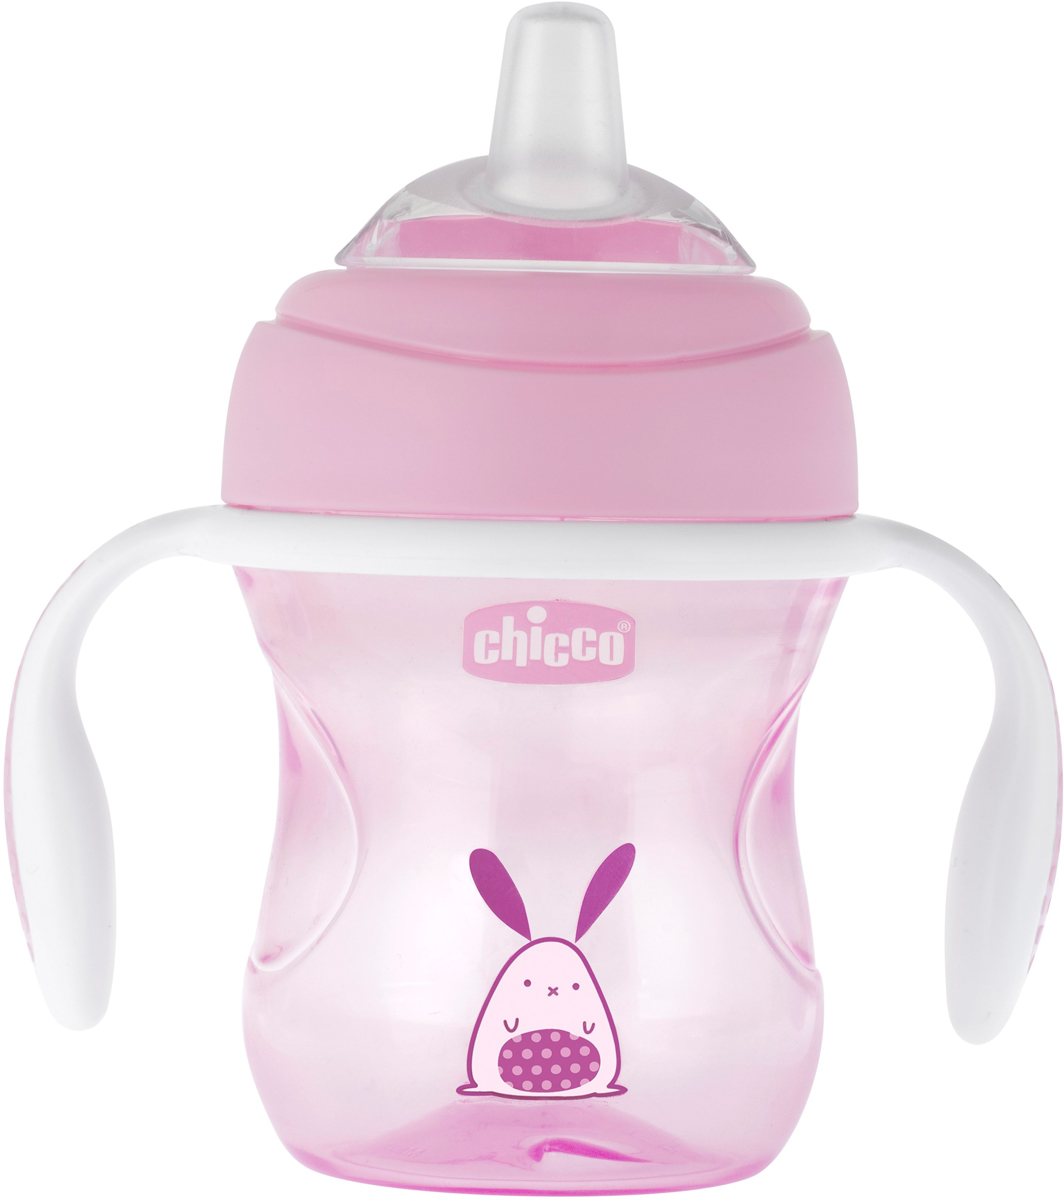 Фото - Chicco Чашка-поильник Transition Cup от 4 месяцев цвет розовый 200 мл [супермаркет] jingdong геб scybe фил приблизительно круглая чашка установлена в вертикальном положении стеклянной чашки 290мла 6 z